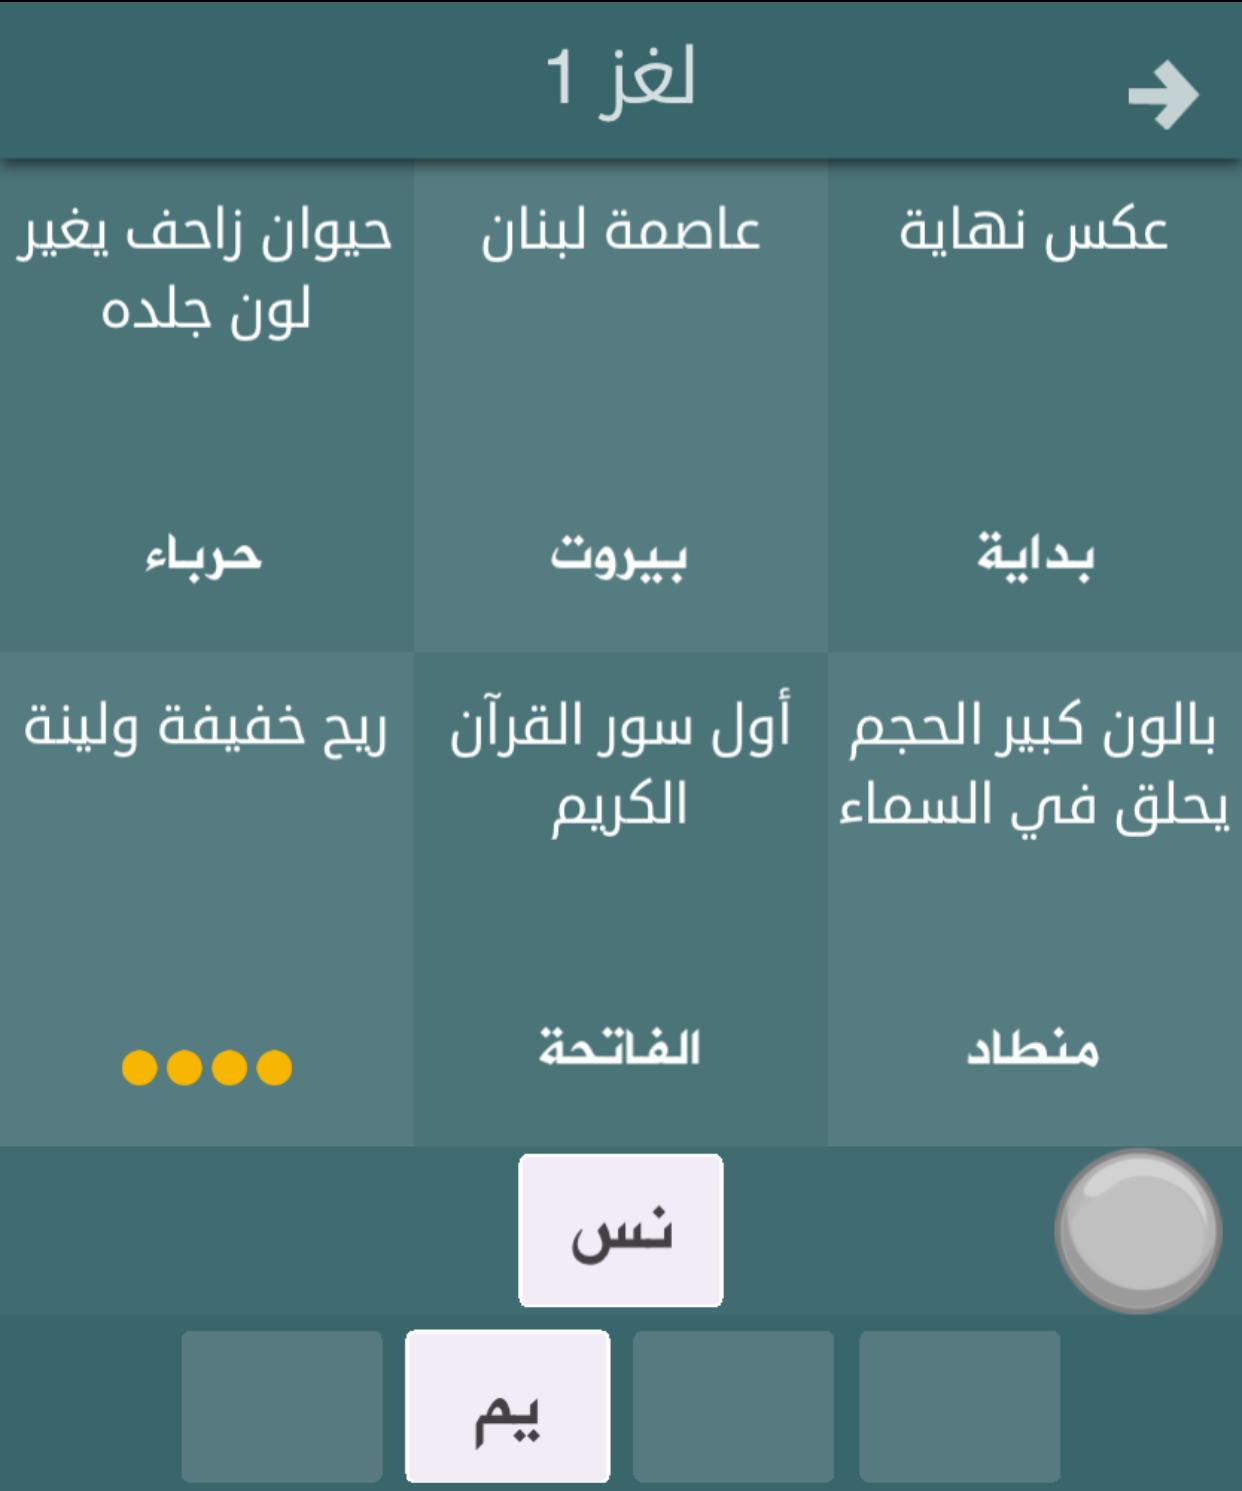 هل تعلم حل الغاز لعبة فطحل العرب المجموعة الاولى من 1 الى 20